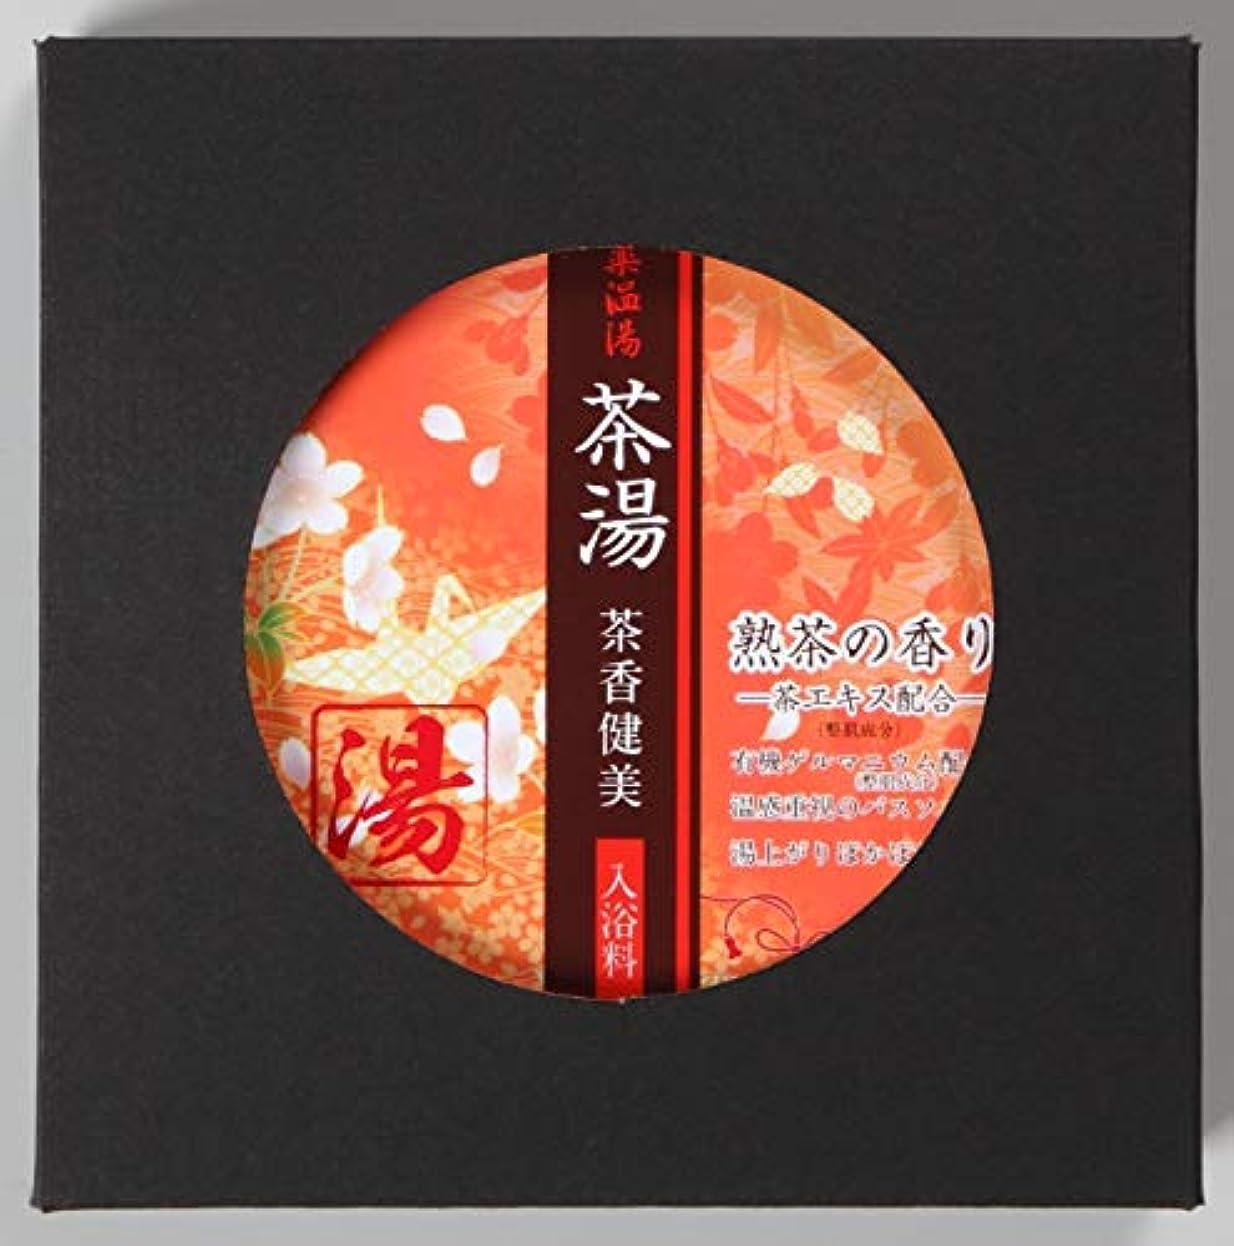 非公式ぎこちない唇薬温湯 茶湯 入浴料 熟茶の香り POF-10J